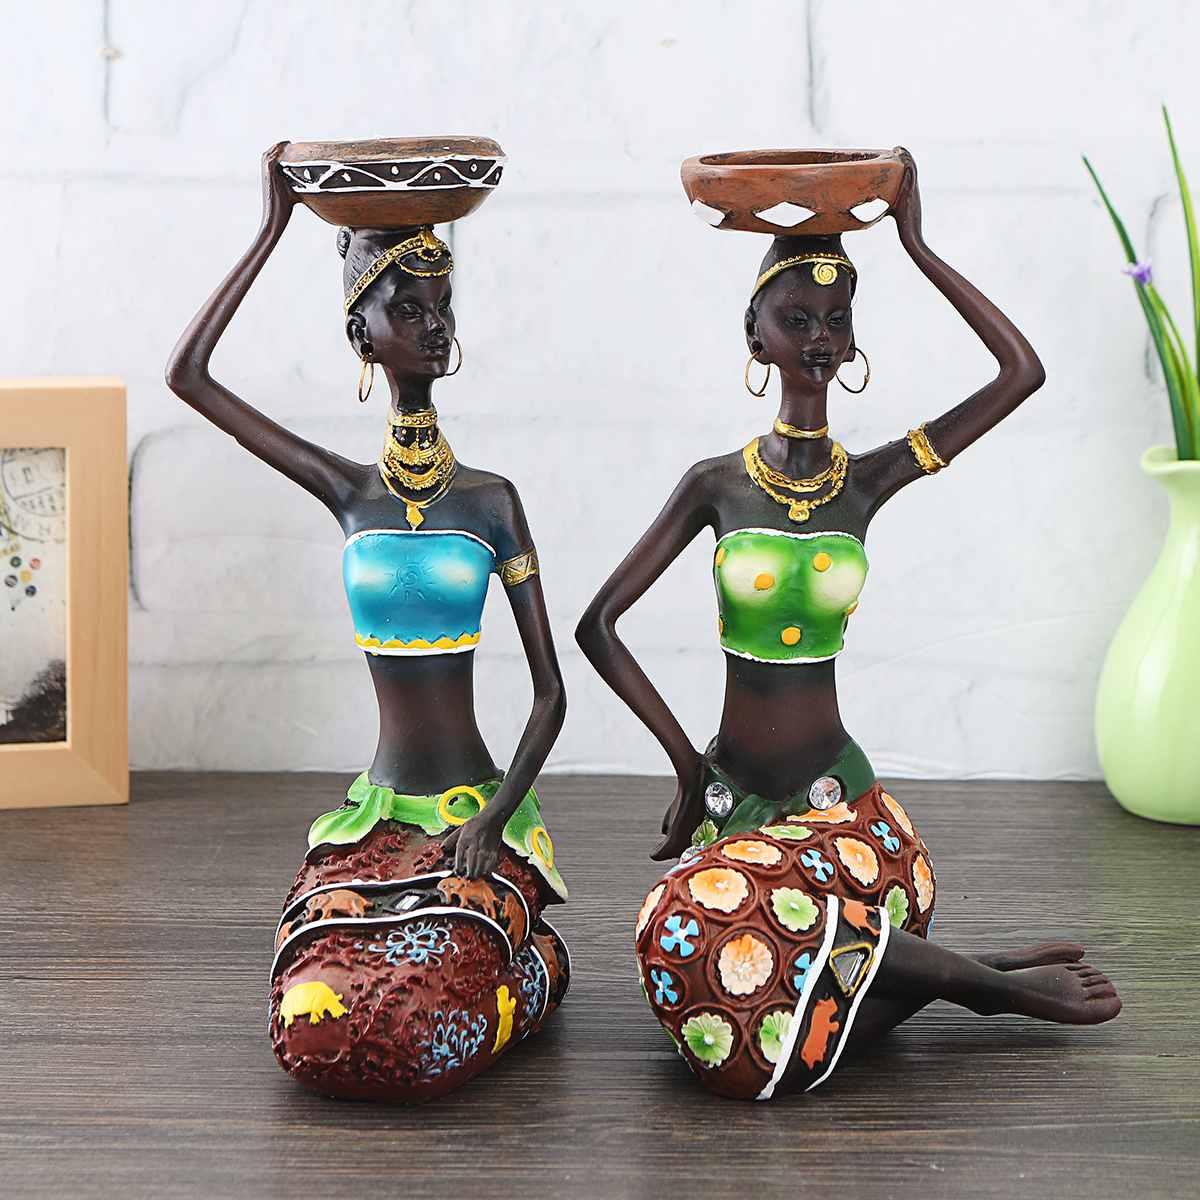 1 par de decoração para casa mulheres africanas resina estátua castiçal artesanato estátua jantar presente casamento decoração casa escultura presente